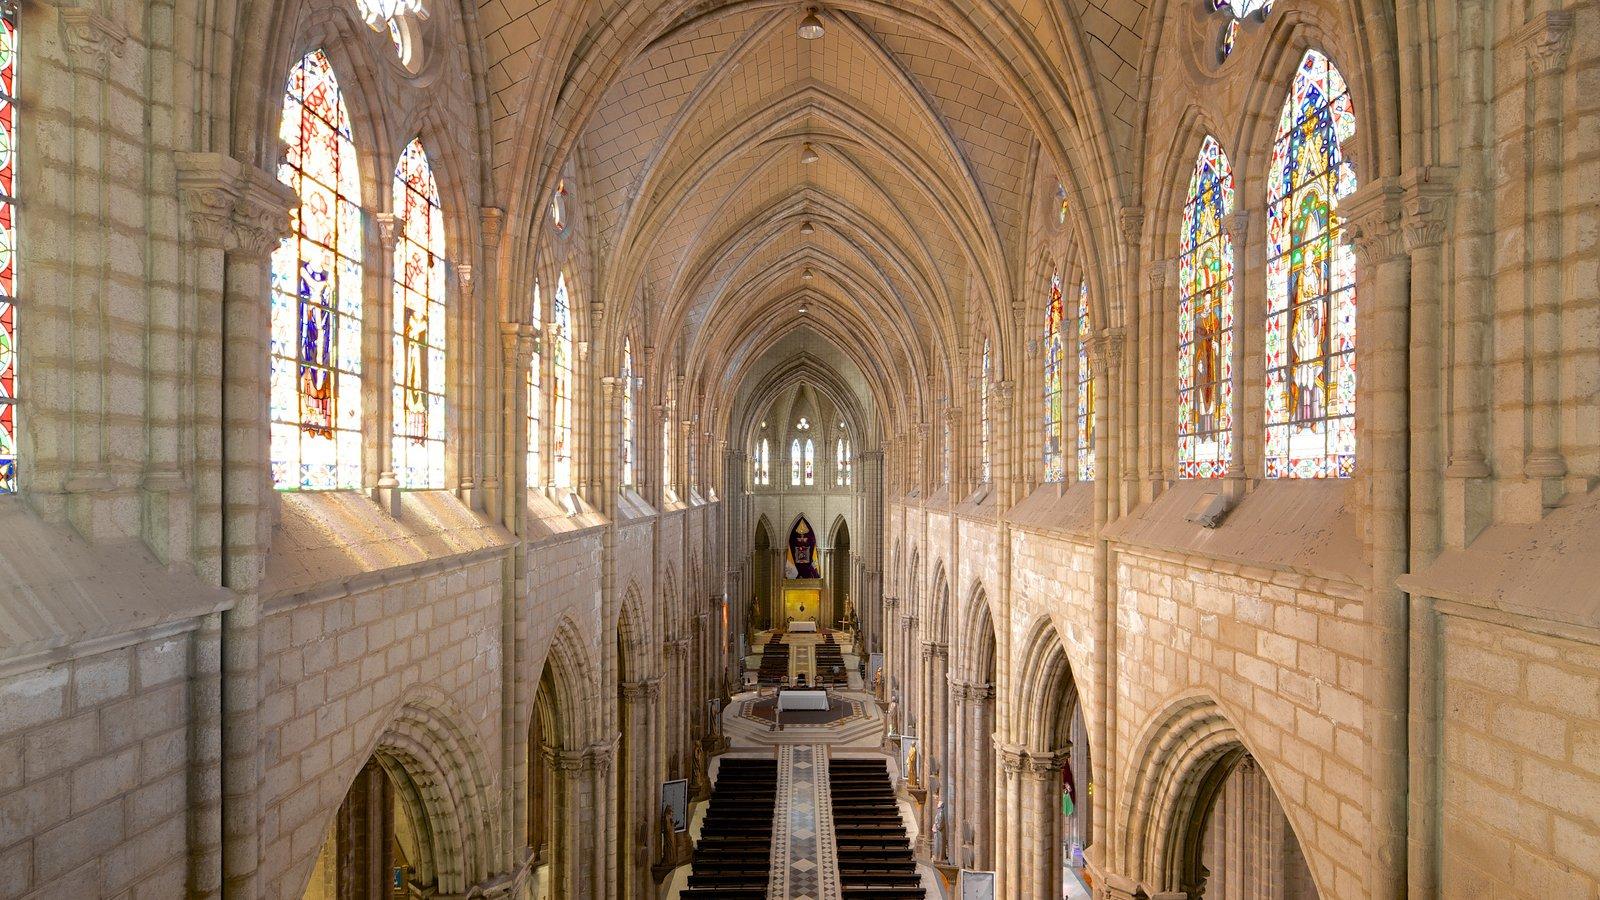 Basílica do Voto Nacional mostrando uma igreja ou catedral, arquitetura de patrimônio e vistas internas